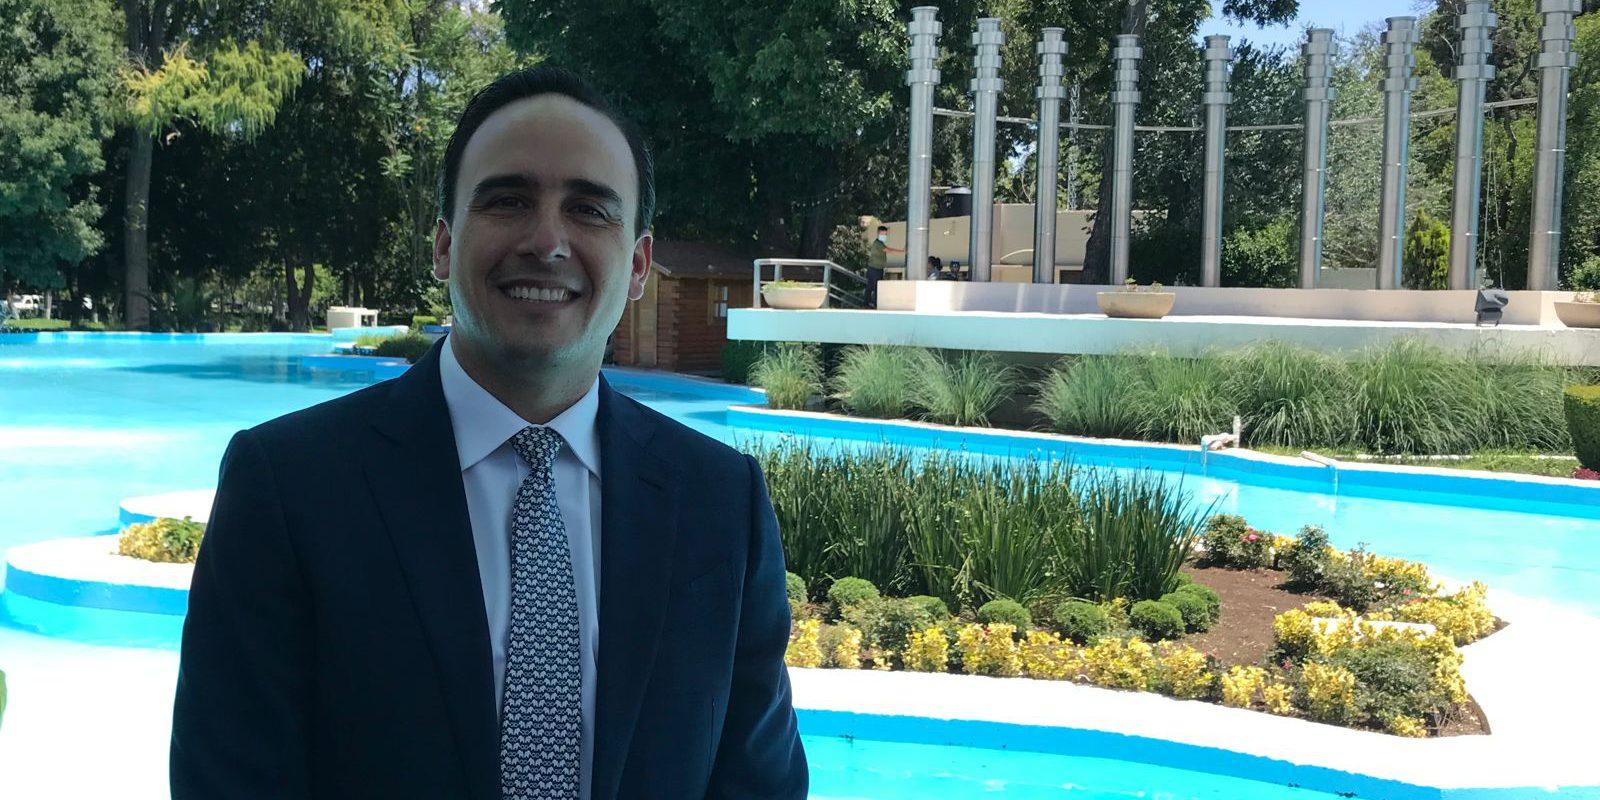 'Tengo cosas más importantes que hacer': Manolo Jiménez no participará en la Consulta Popular